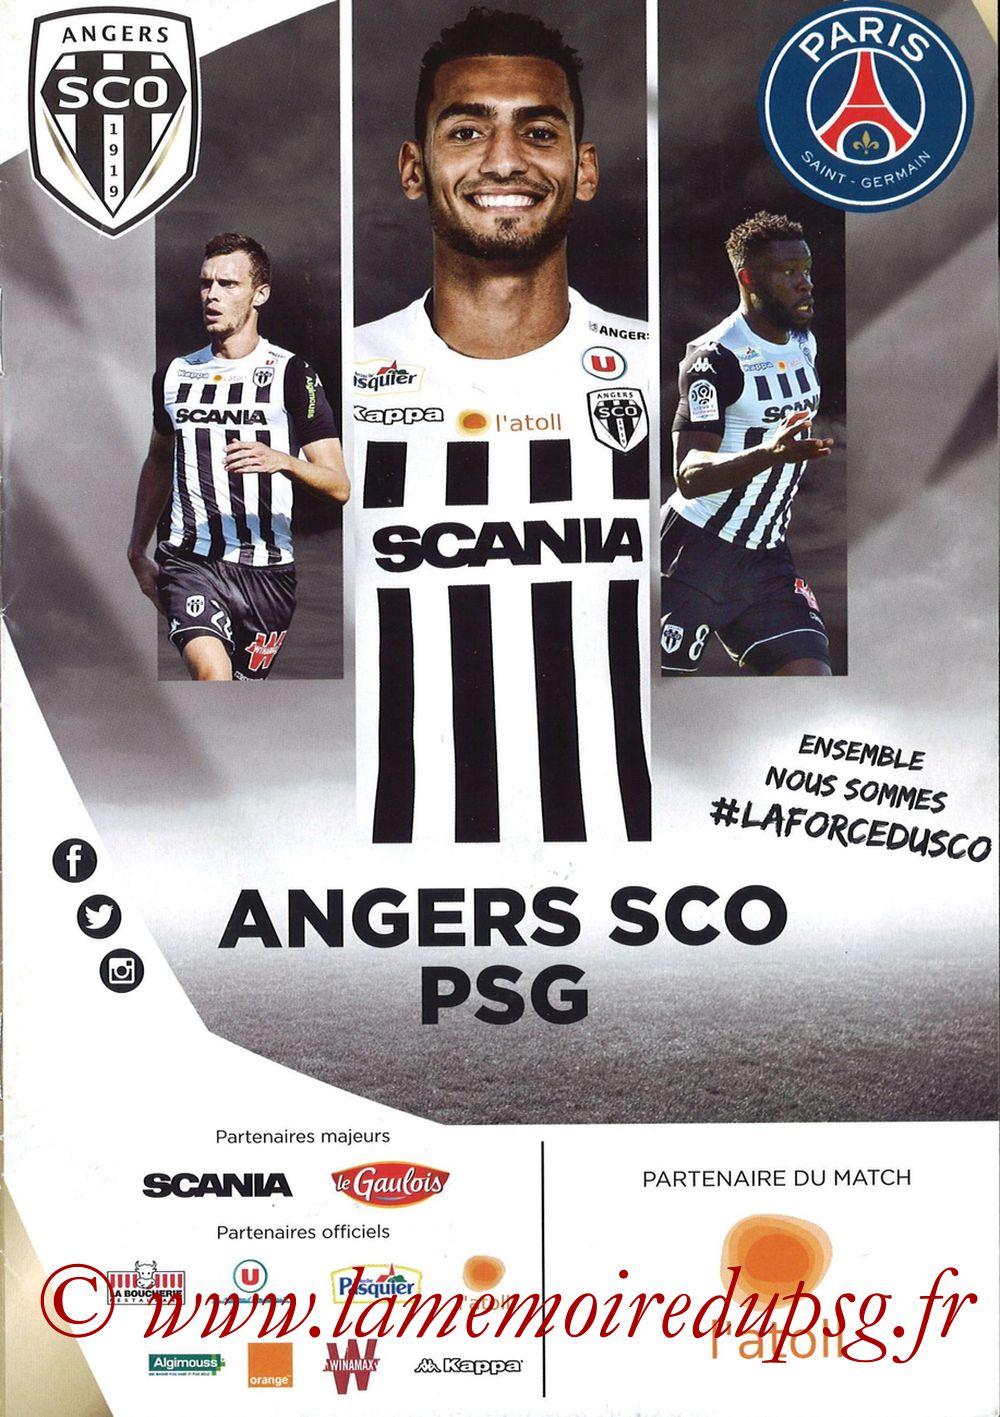 2017-11-04  Angers-PSG (12ème L1, Programme officiel)